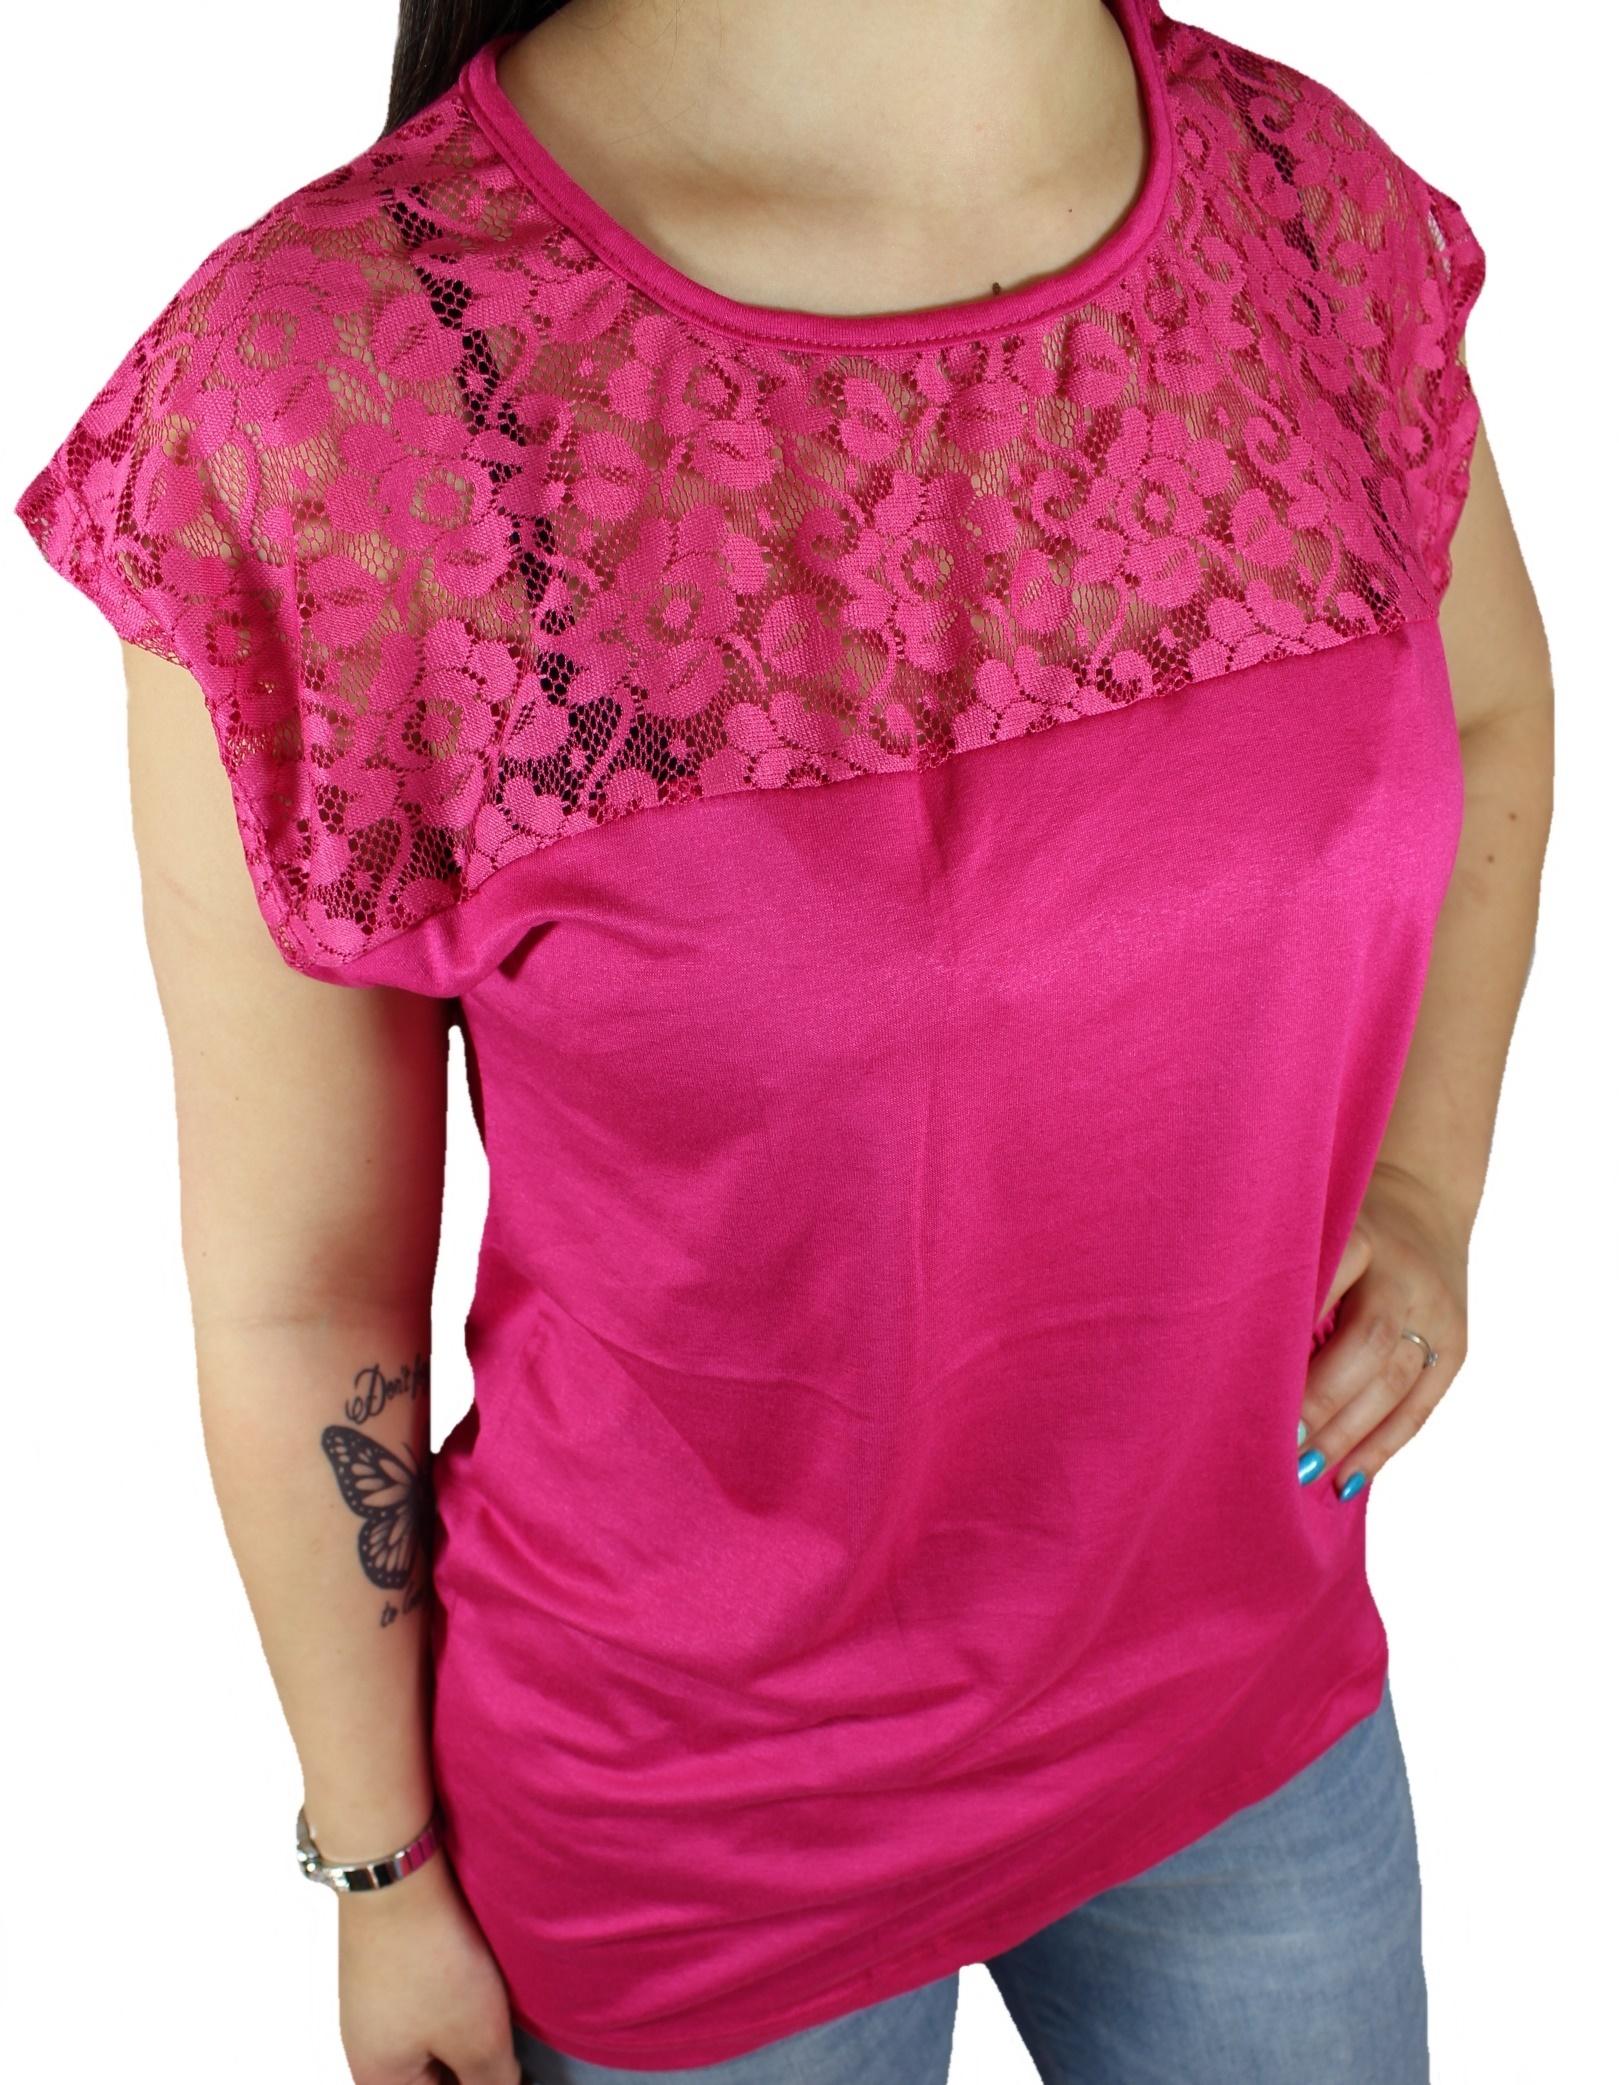 1ea0233af10ed NEW ! Duże BLUZKI t-shirty damskie z KORONKĄ 2XL - 7338794266 ...